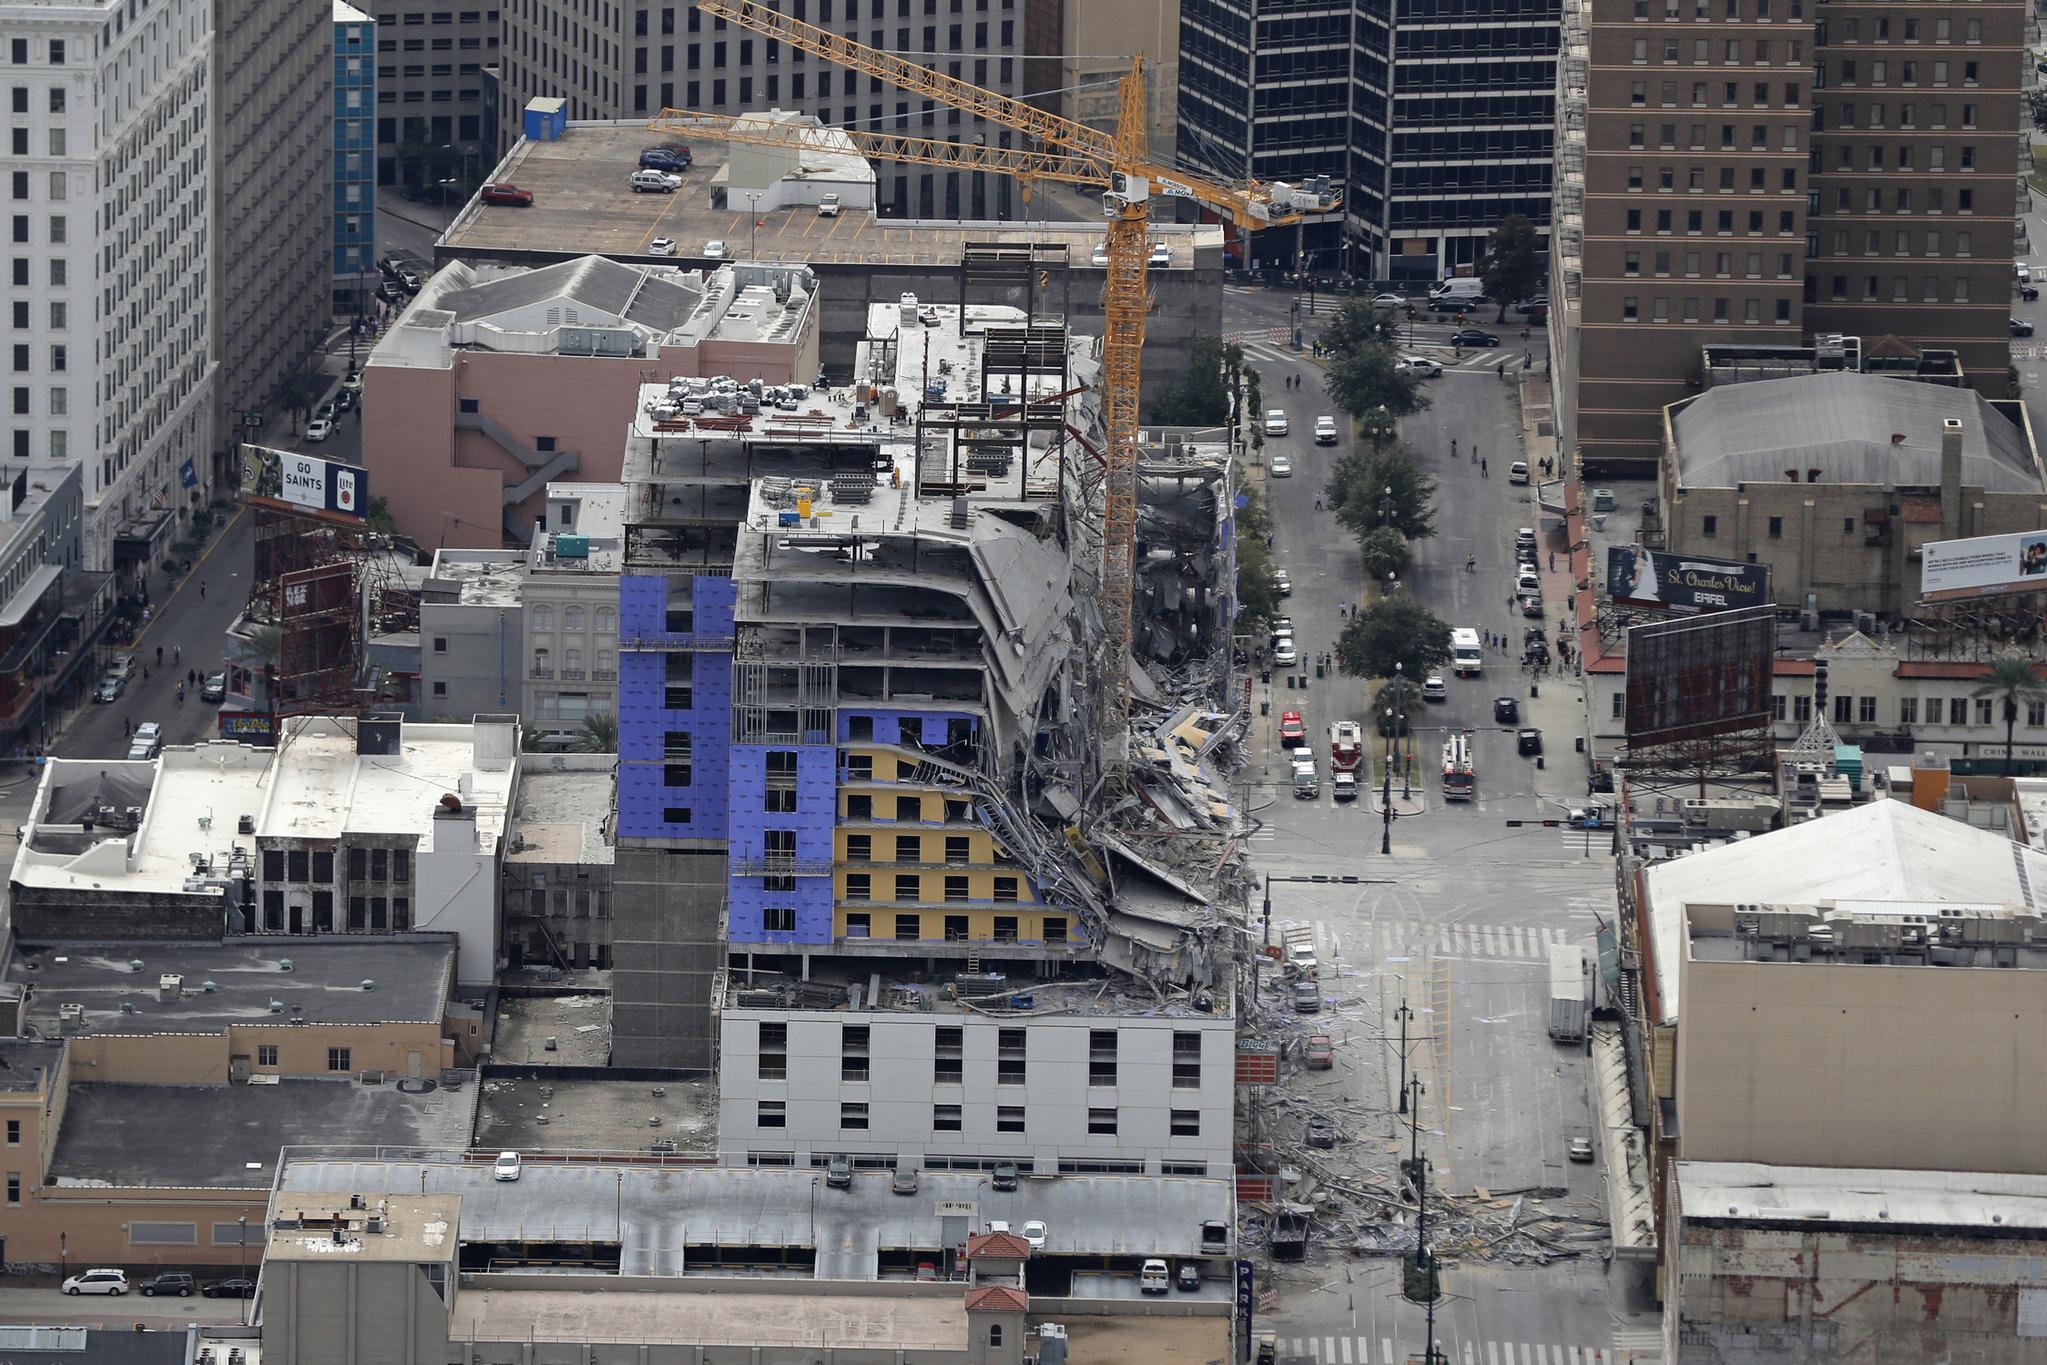 12일(현지시간) 미국 남부 뉴올리언스에 있는 호텔 신축공사 현장이 붕괴되는 사고가 발생했다. [AP=연합뉴스]